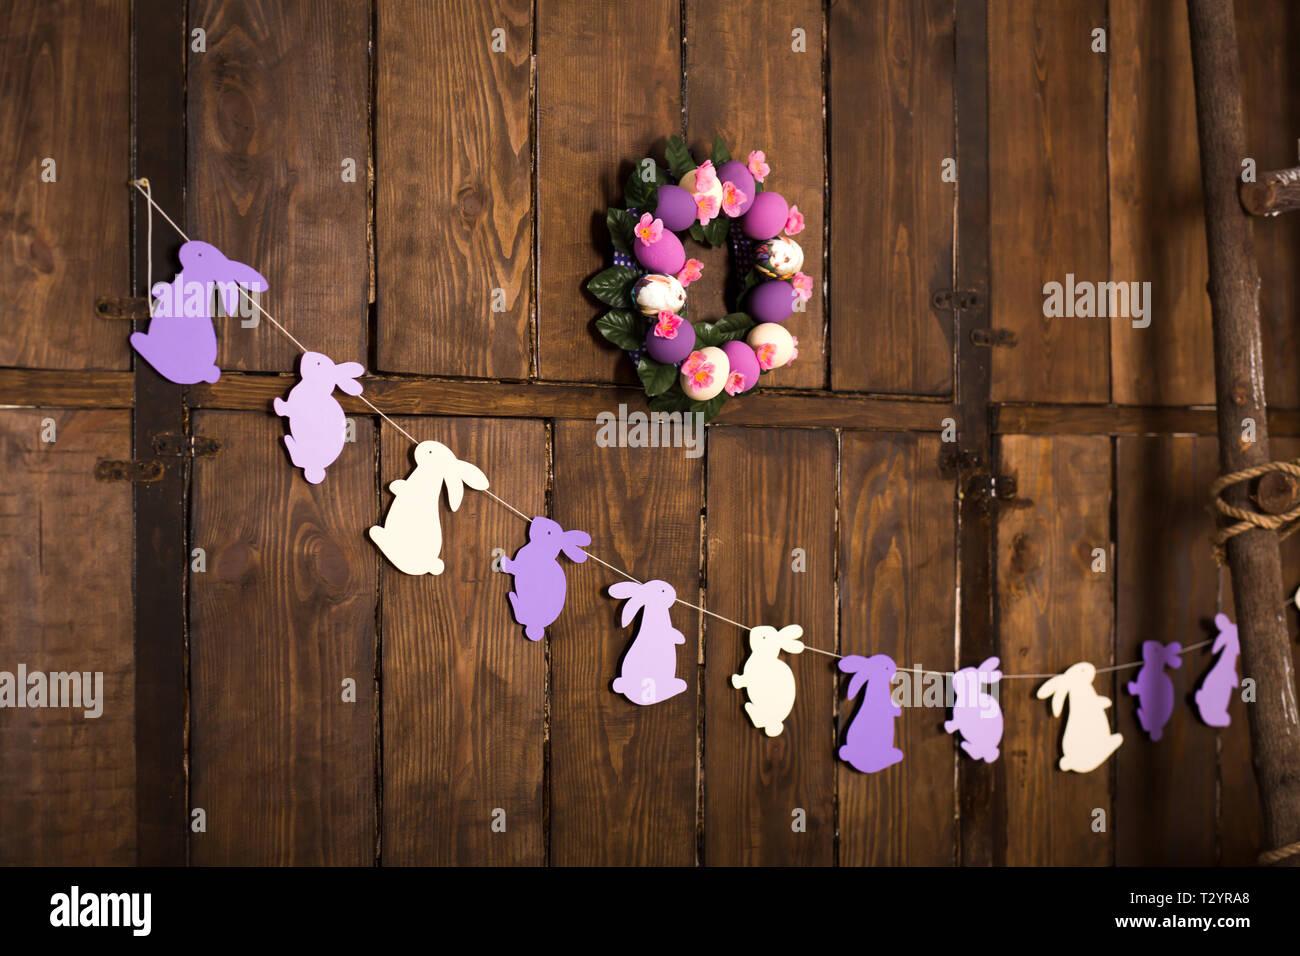 Décoration De Pâques. Couronne, Avec Et Des œufs De Couleur Violet Et Blanc,